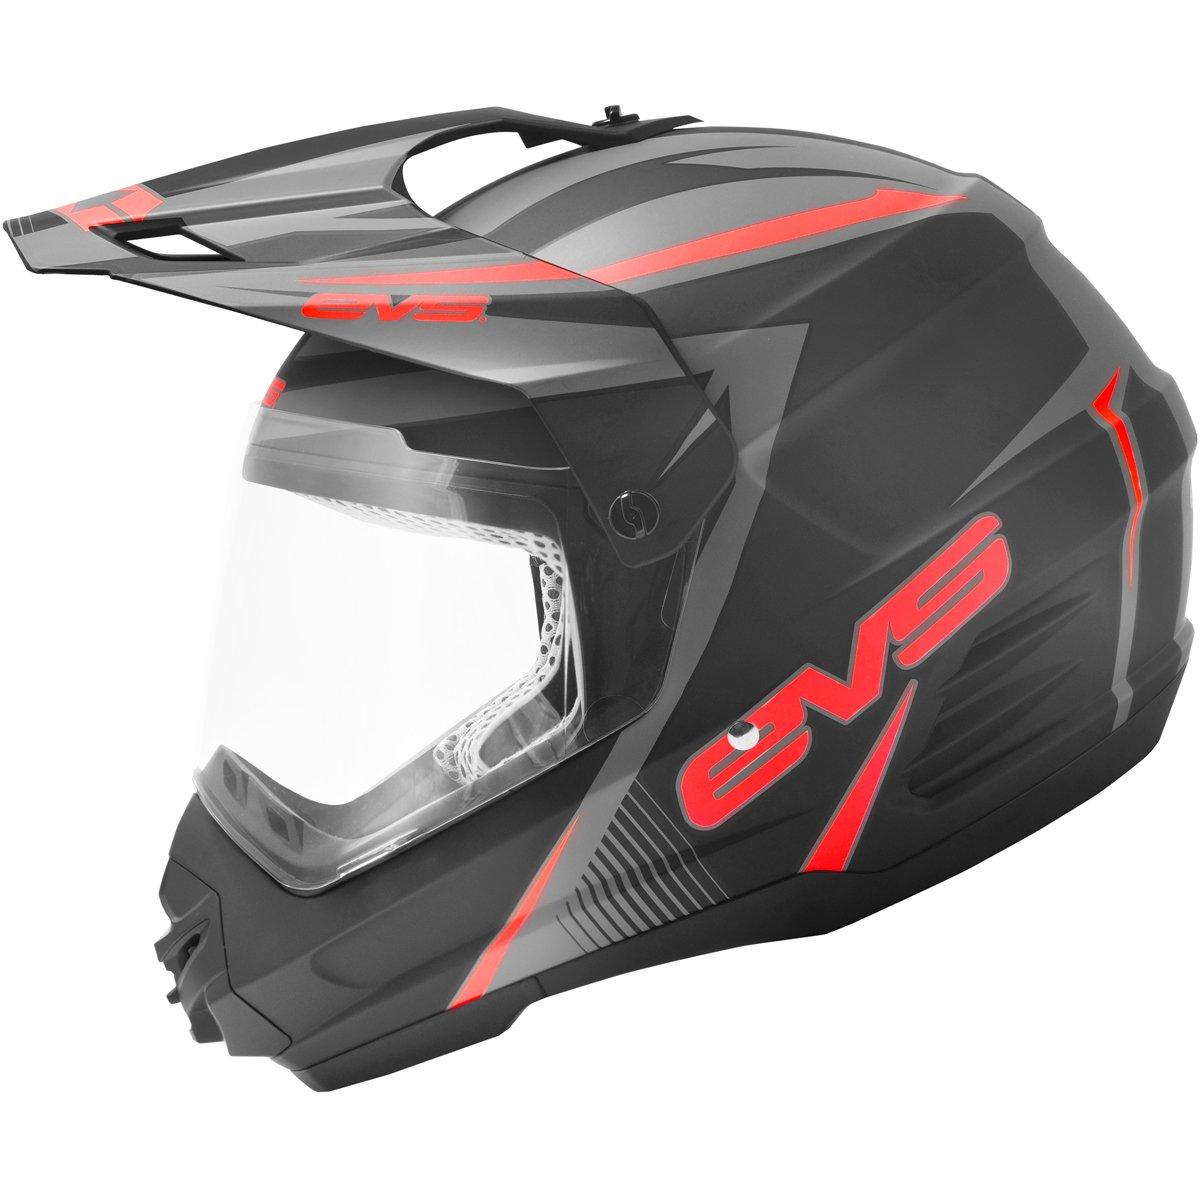 EVS T5 Venture Dual Sport Adult Dirt Bike Motorcycle Helmet - Matte Black/Red / Large